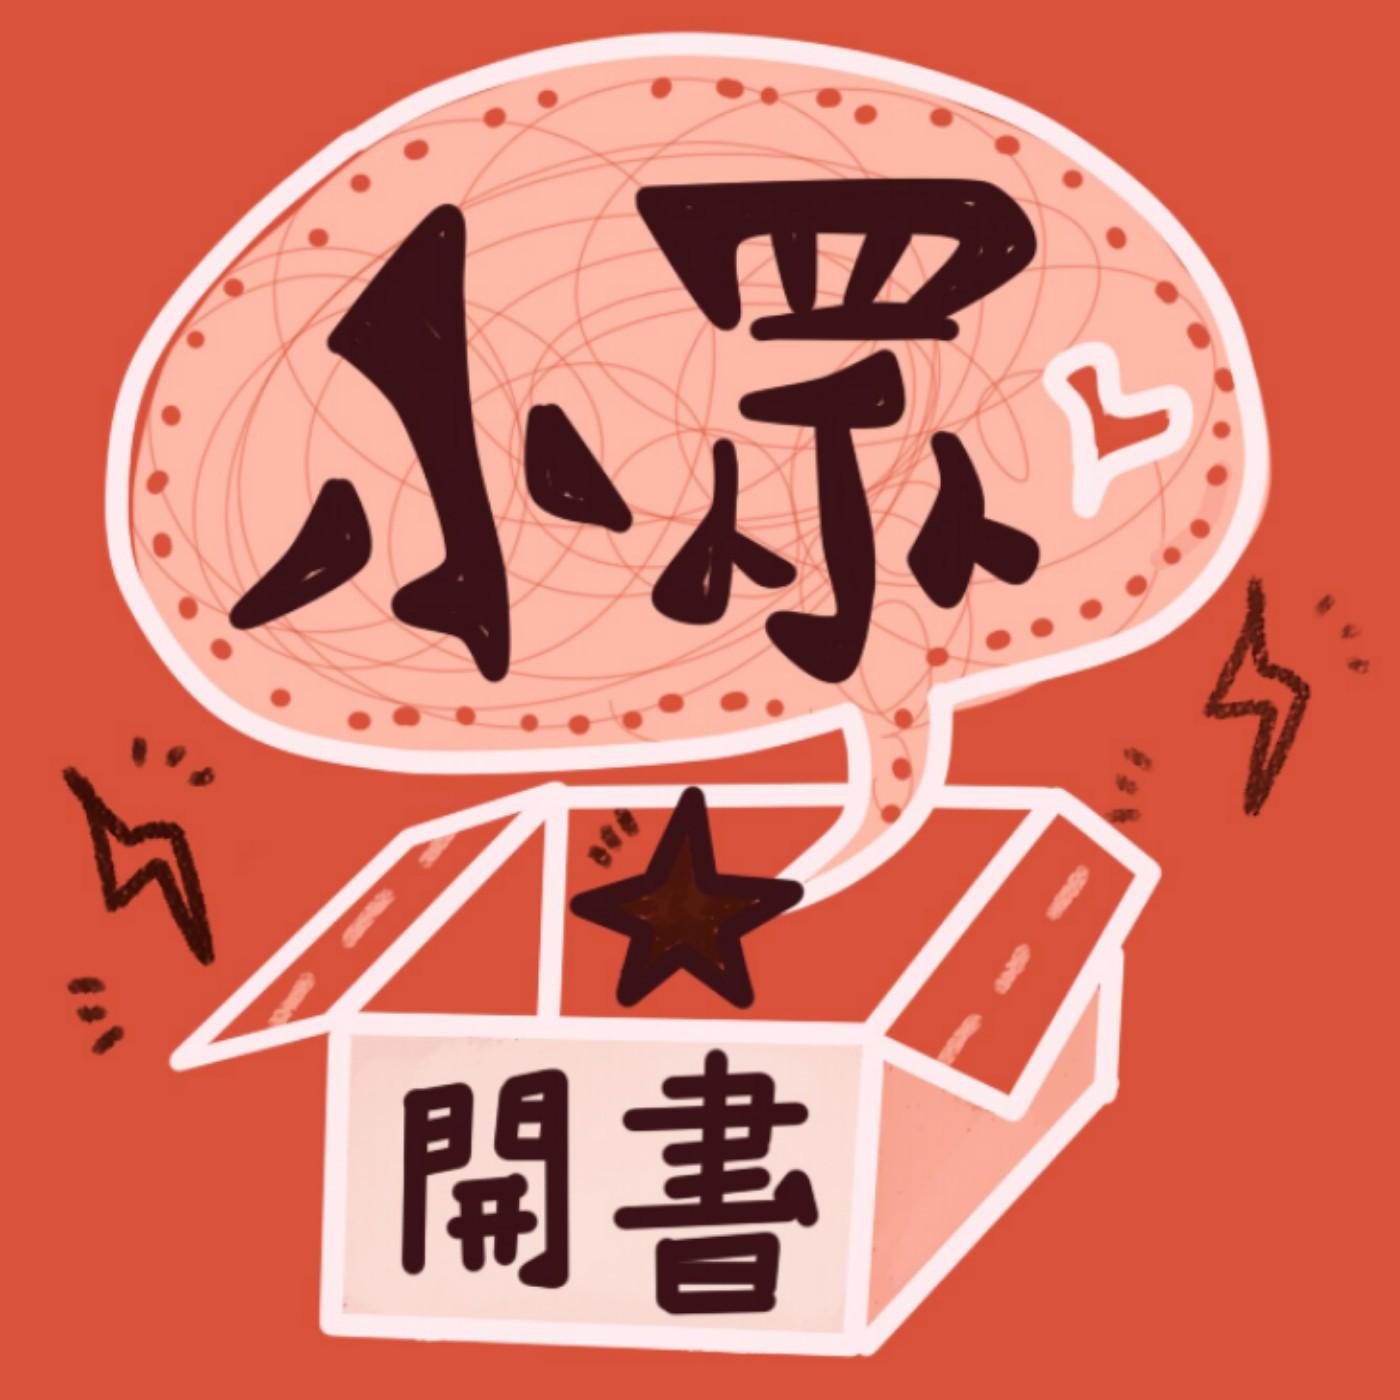 小眾開書第四集-幸佳慧+陳潔晧+徐思寧《蝴蝶朵朵》:必看!引發台灣小孩版MeToo運動的繪本大作!